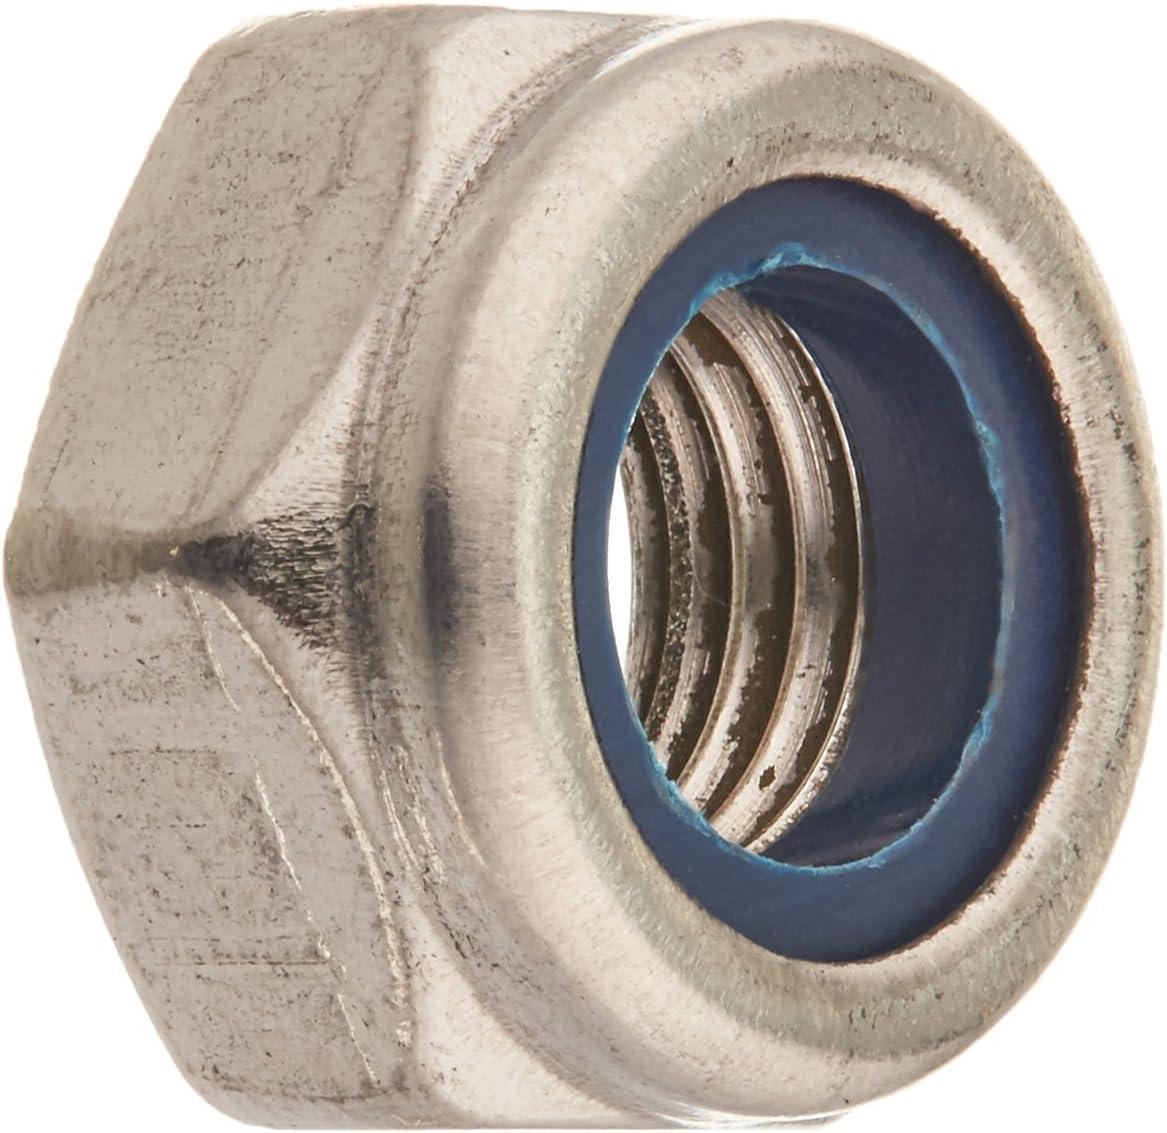 Alamor M3An9 10Pcs M3 De Aleaci/ón De Aluminio Hexagonal Tuerca Hexagonal De Bloqueo De La Tuerca Multicolor Gris